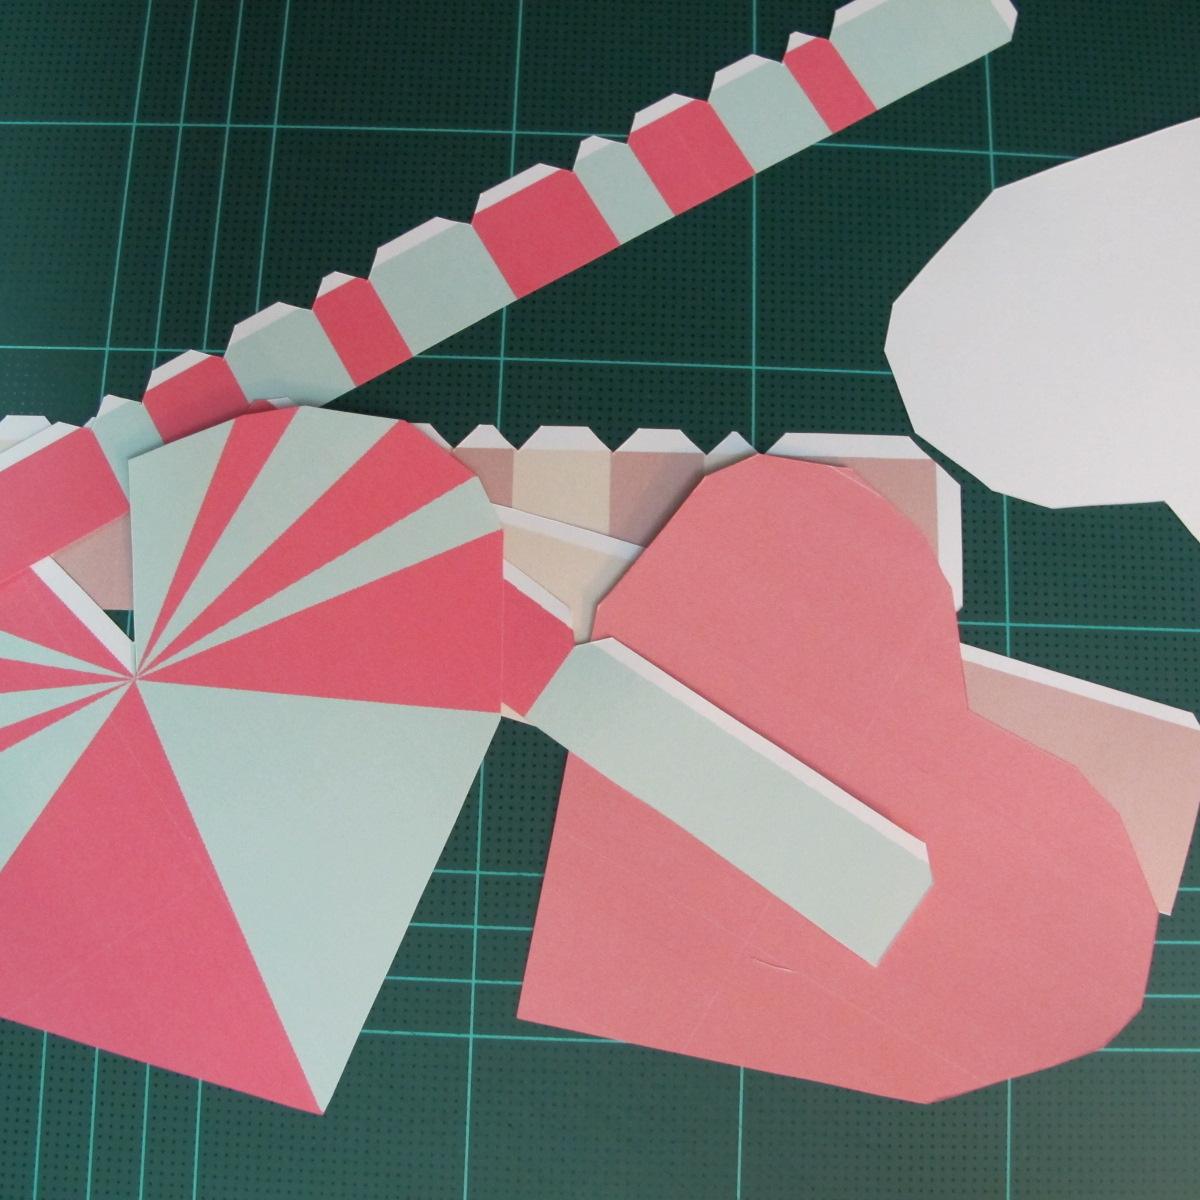 วิธีทำโมเดลกระดาษเป็นกล่องของขวัญรูปหัวใจ (Heart Box Papercraft Model) 002